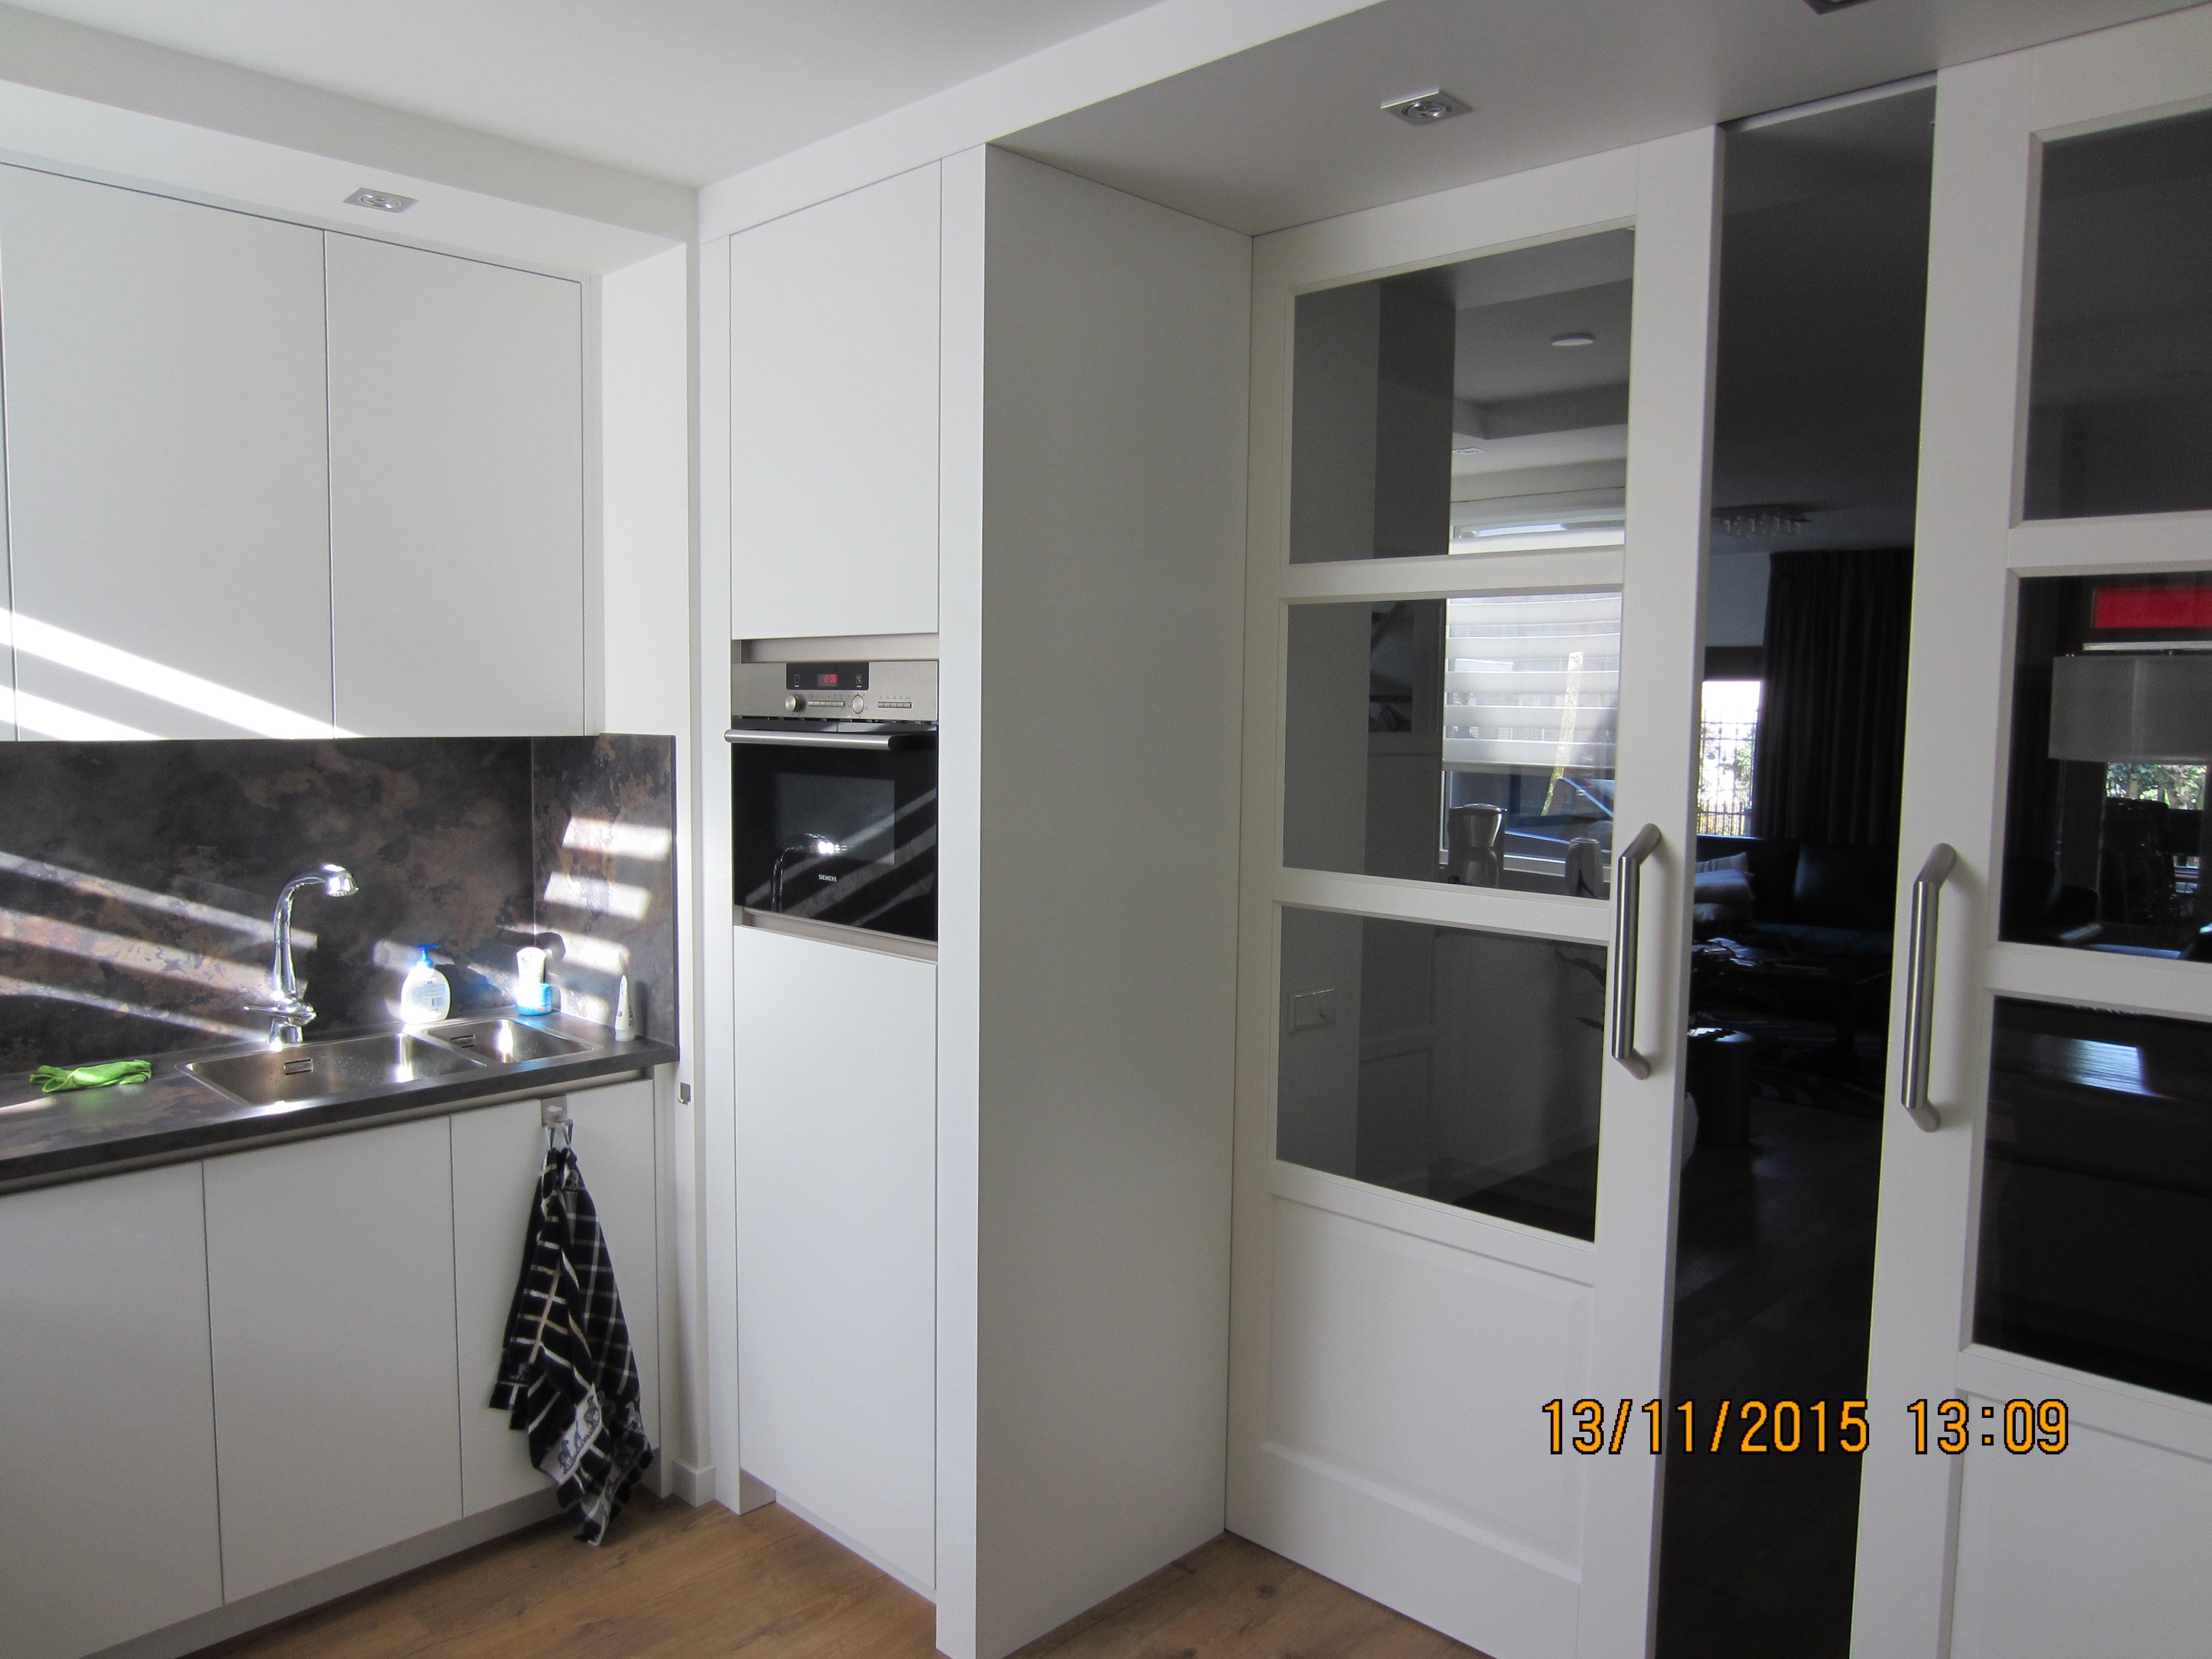 Verbouwingen ronhereijgers - Keuken en woonkamer in dezelfde kamer ...